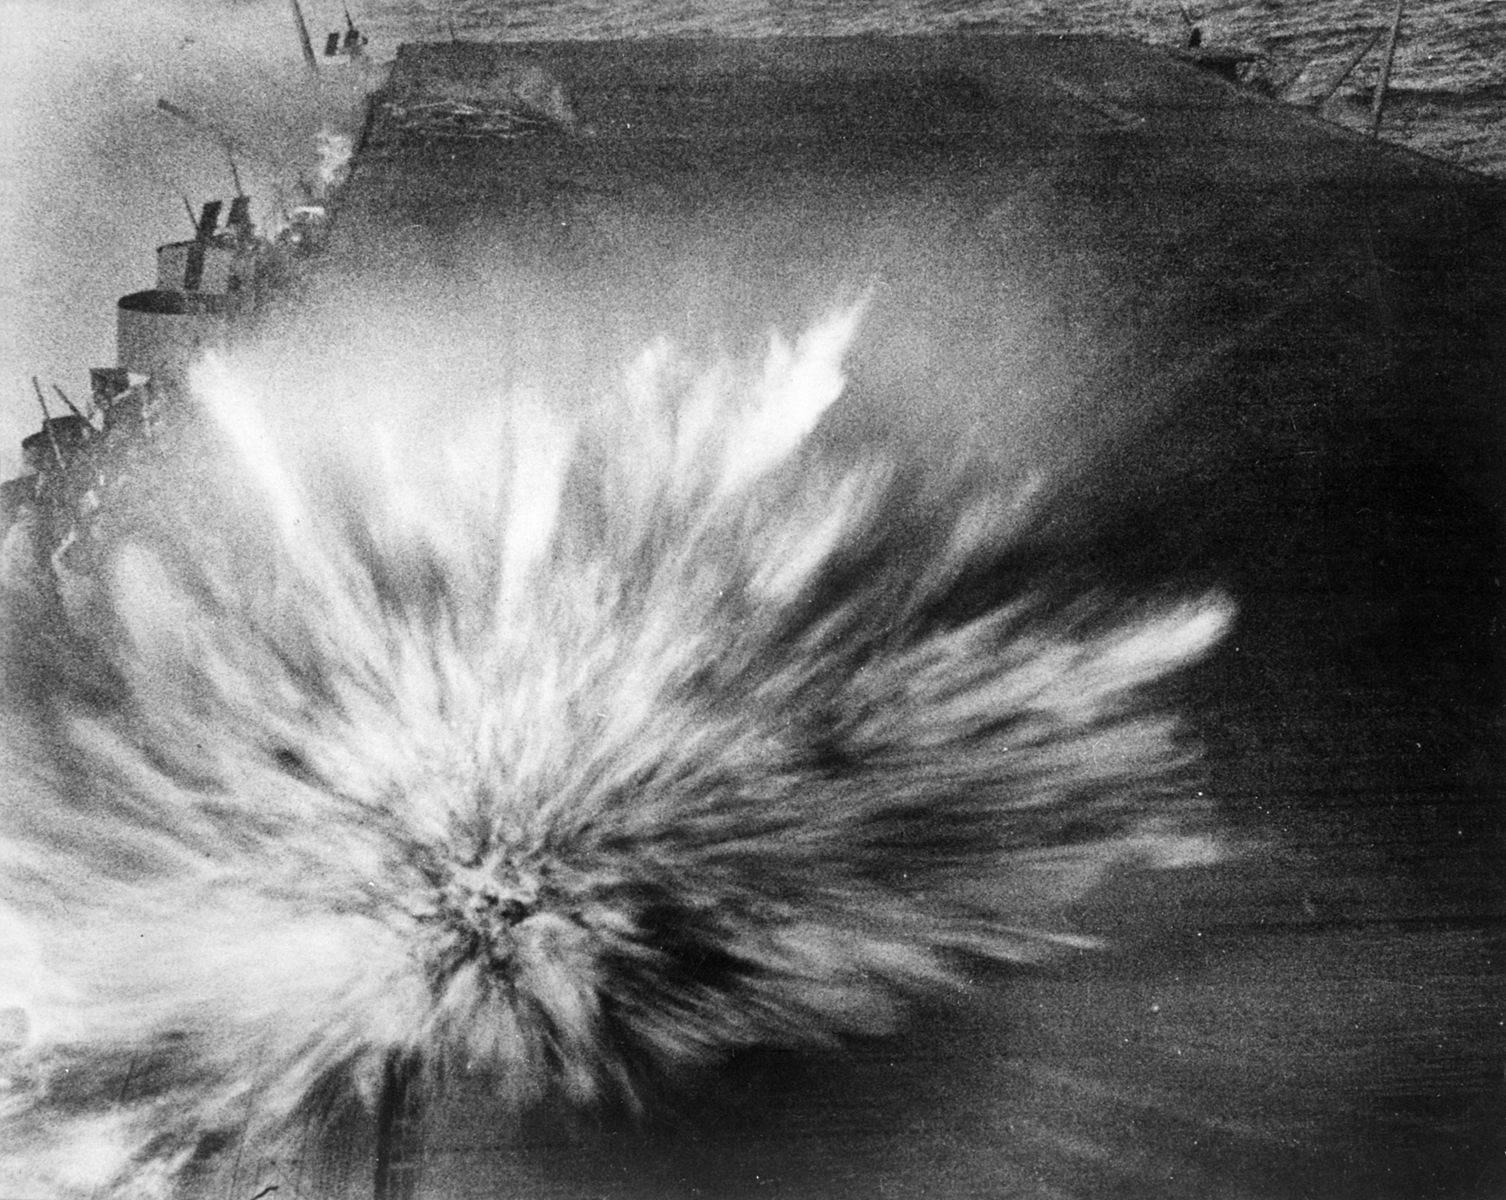 USS enterprise bomb hit Bat eastern Solomons - Explosion d'une bombe Japonaise sur le pont de l'USS Yorktown le 24 août 1942 durant la bataille des îles Salomon. Peu de dégâts seront à déplorer